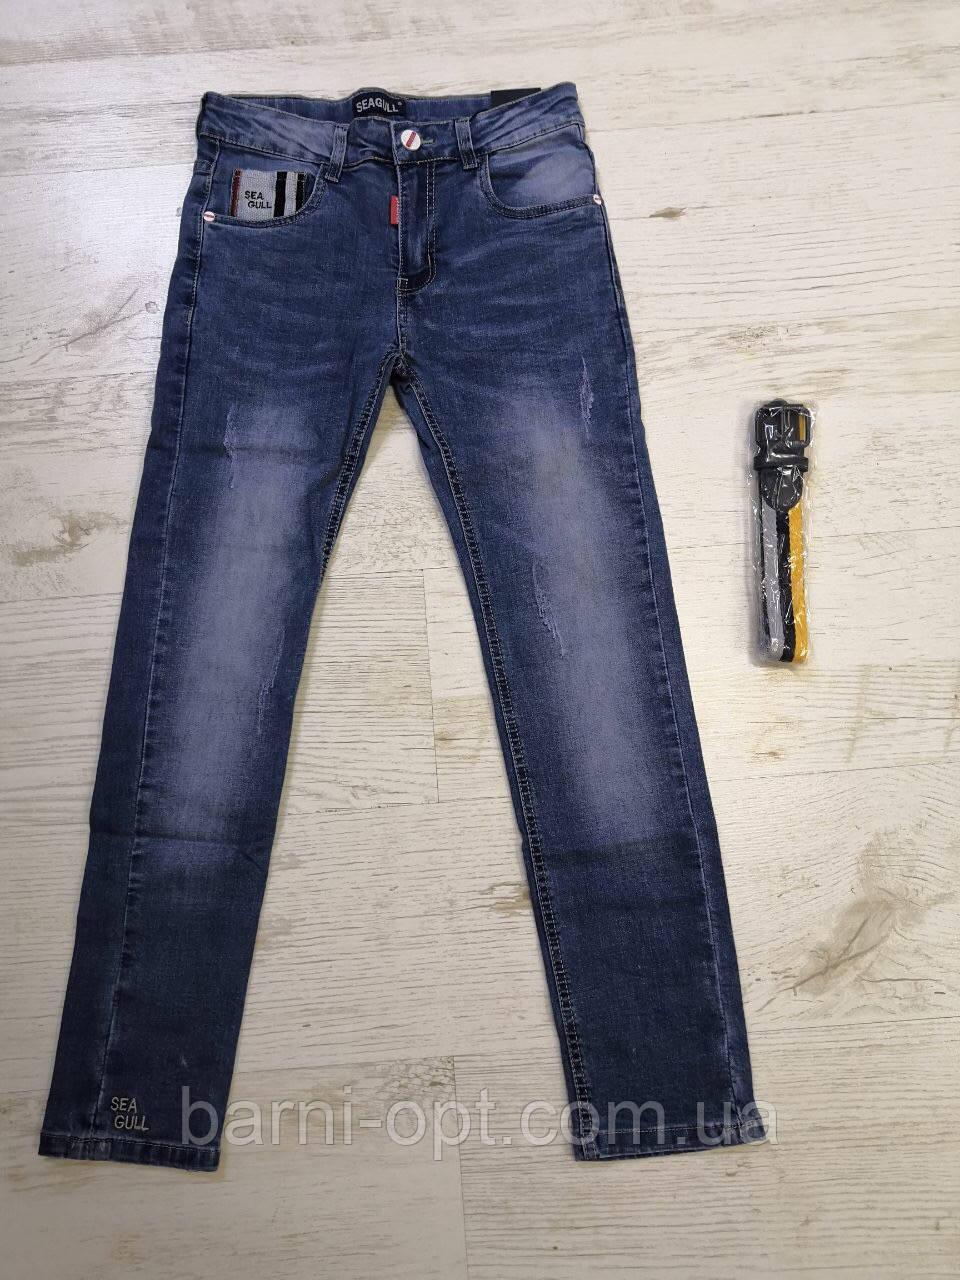 Джинсові брюки для хлопчиків Seagull оптом, 134-164 рр